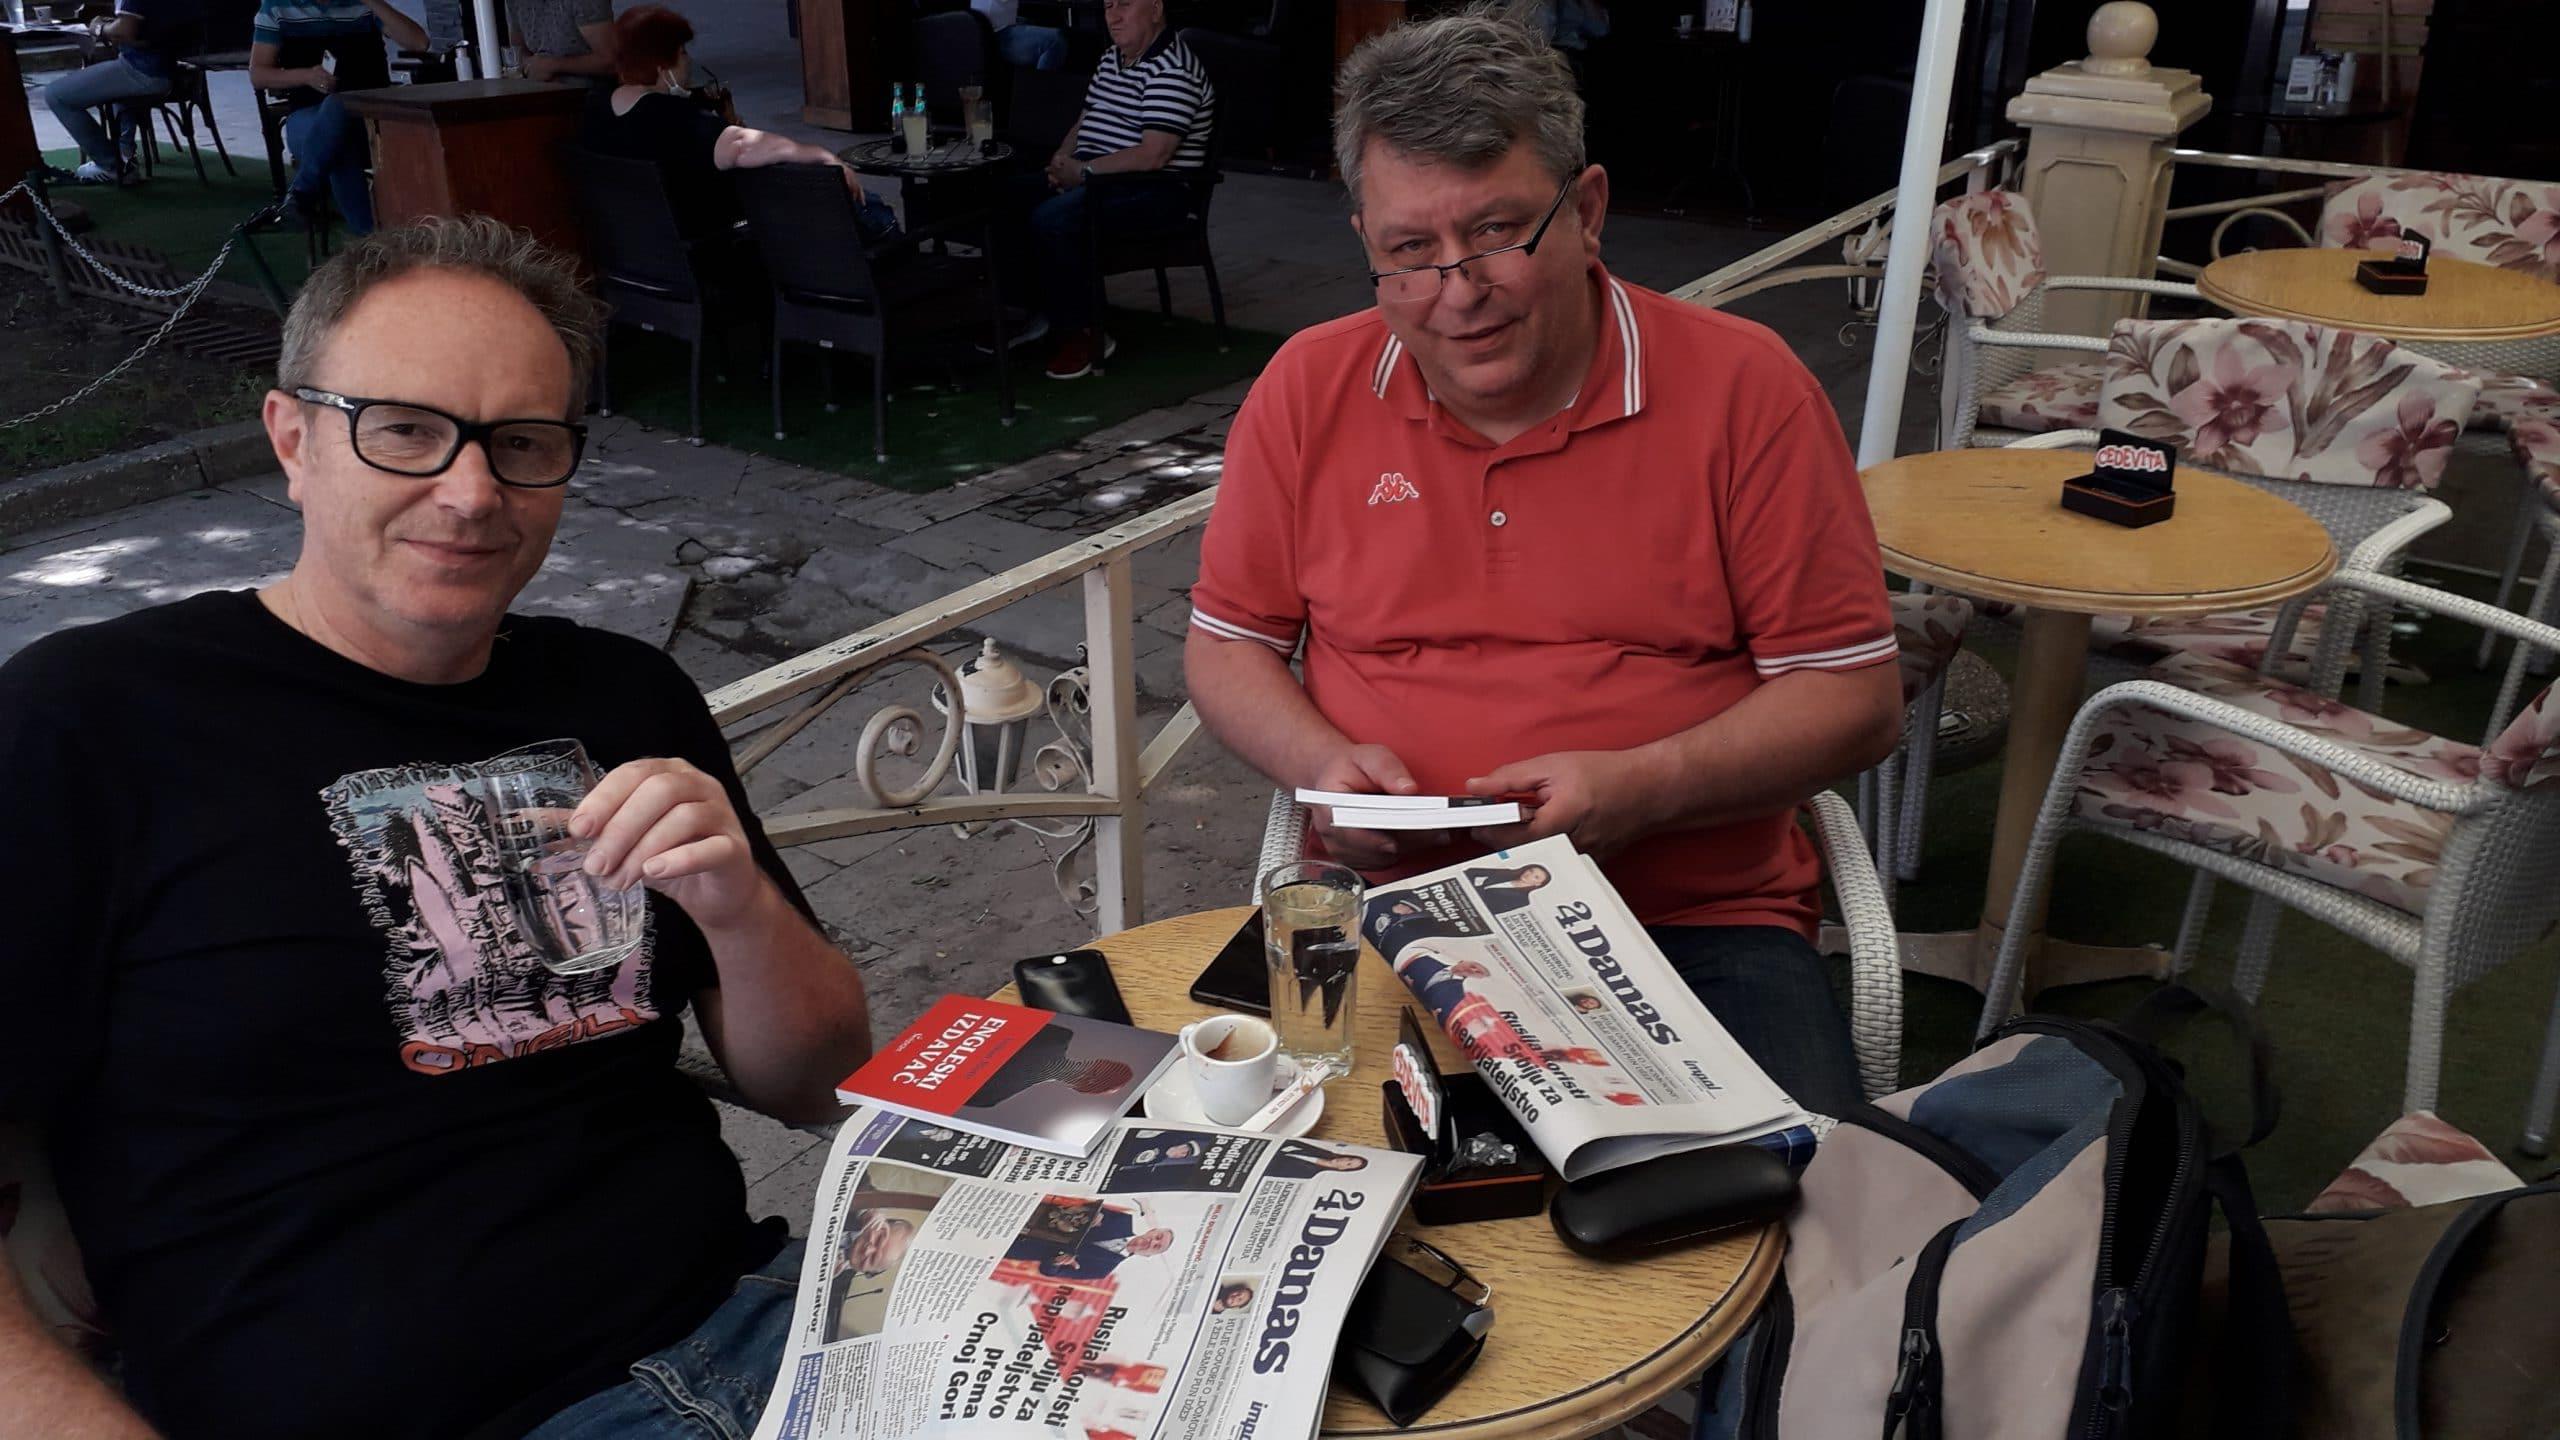 Novinari i urednici Danasa delili rođendanski broj na ulicama više gradova (FOTO) 10